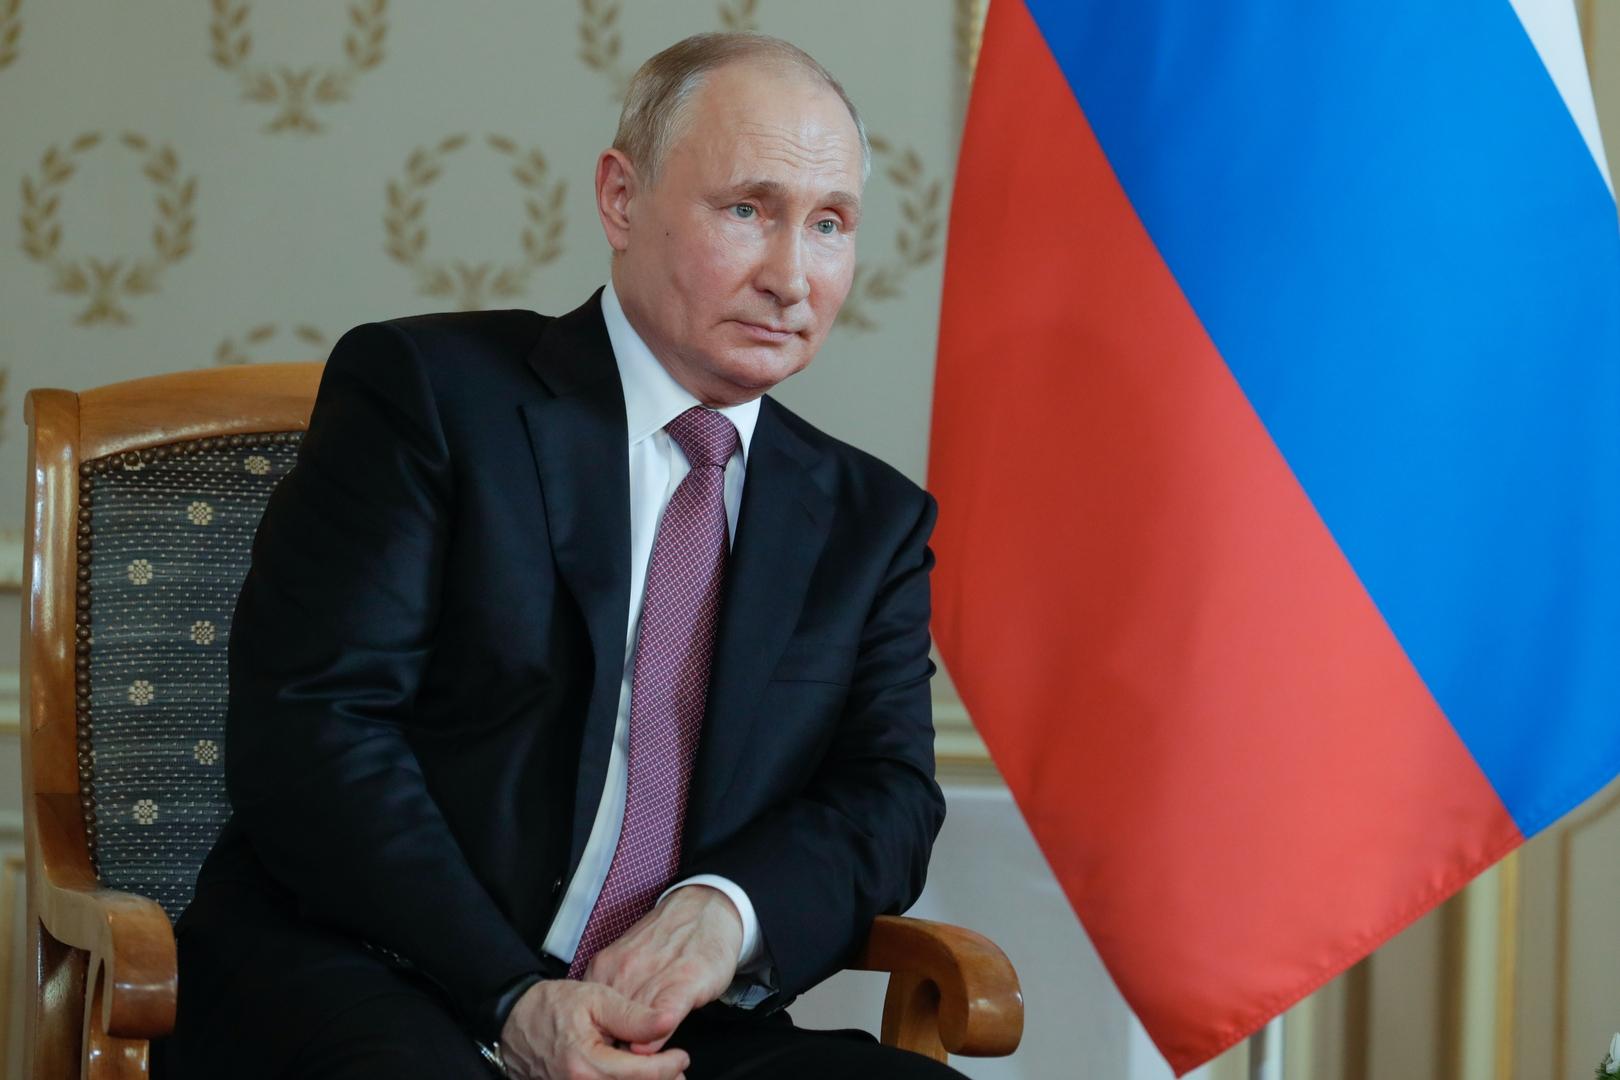 بوتين يستعرض محطات تطور الأوضاع في أوروبا ويكشف منابت